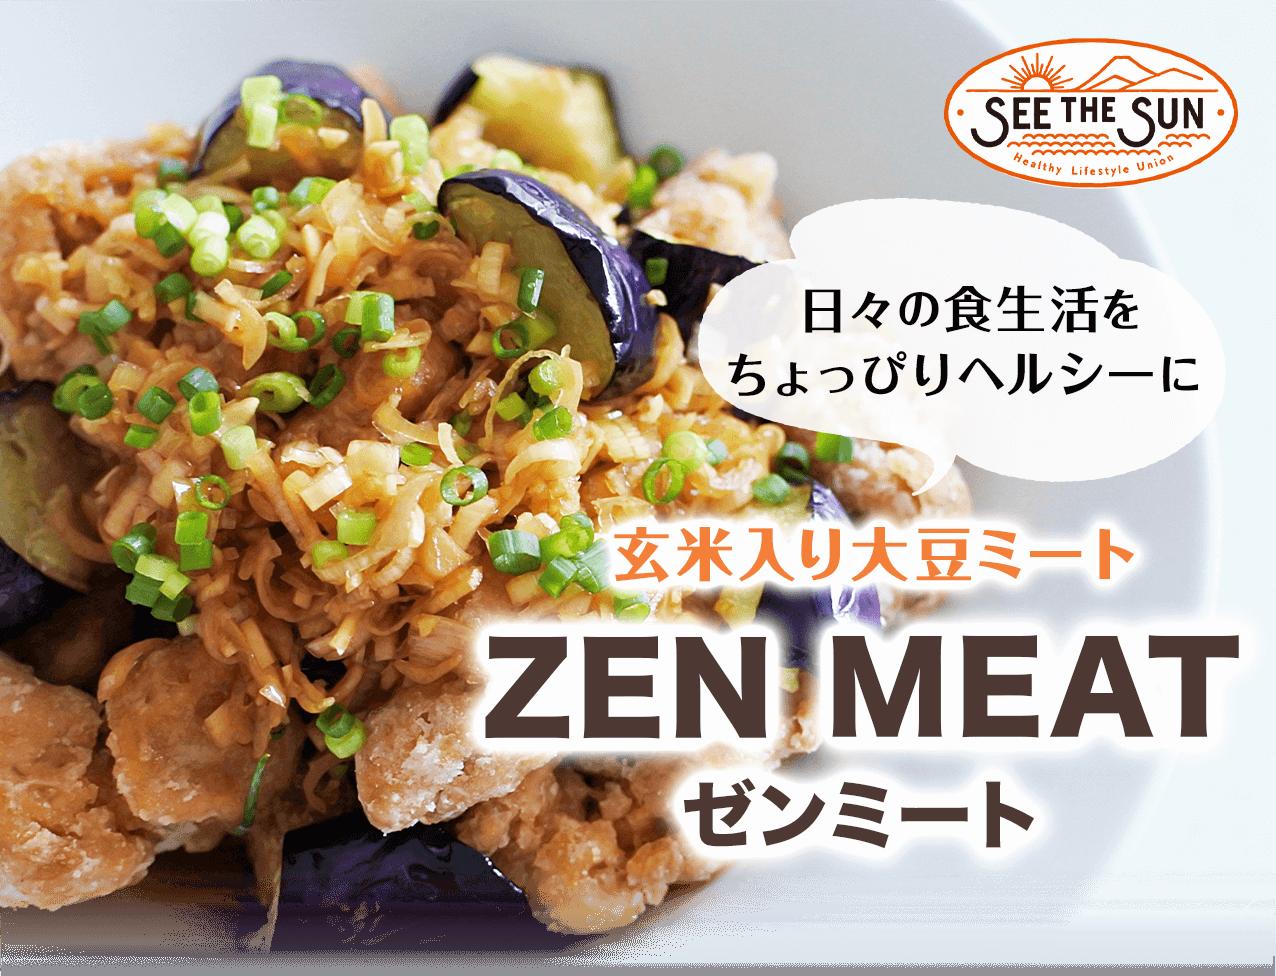 SEE THE SUN 日々の食生活を ちょっぴりヘルシーに 玄米入り大豆ミート ZEN MEAT  ゼンミート